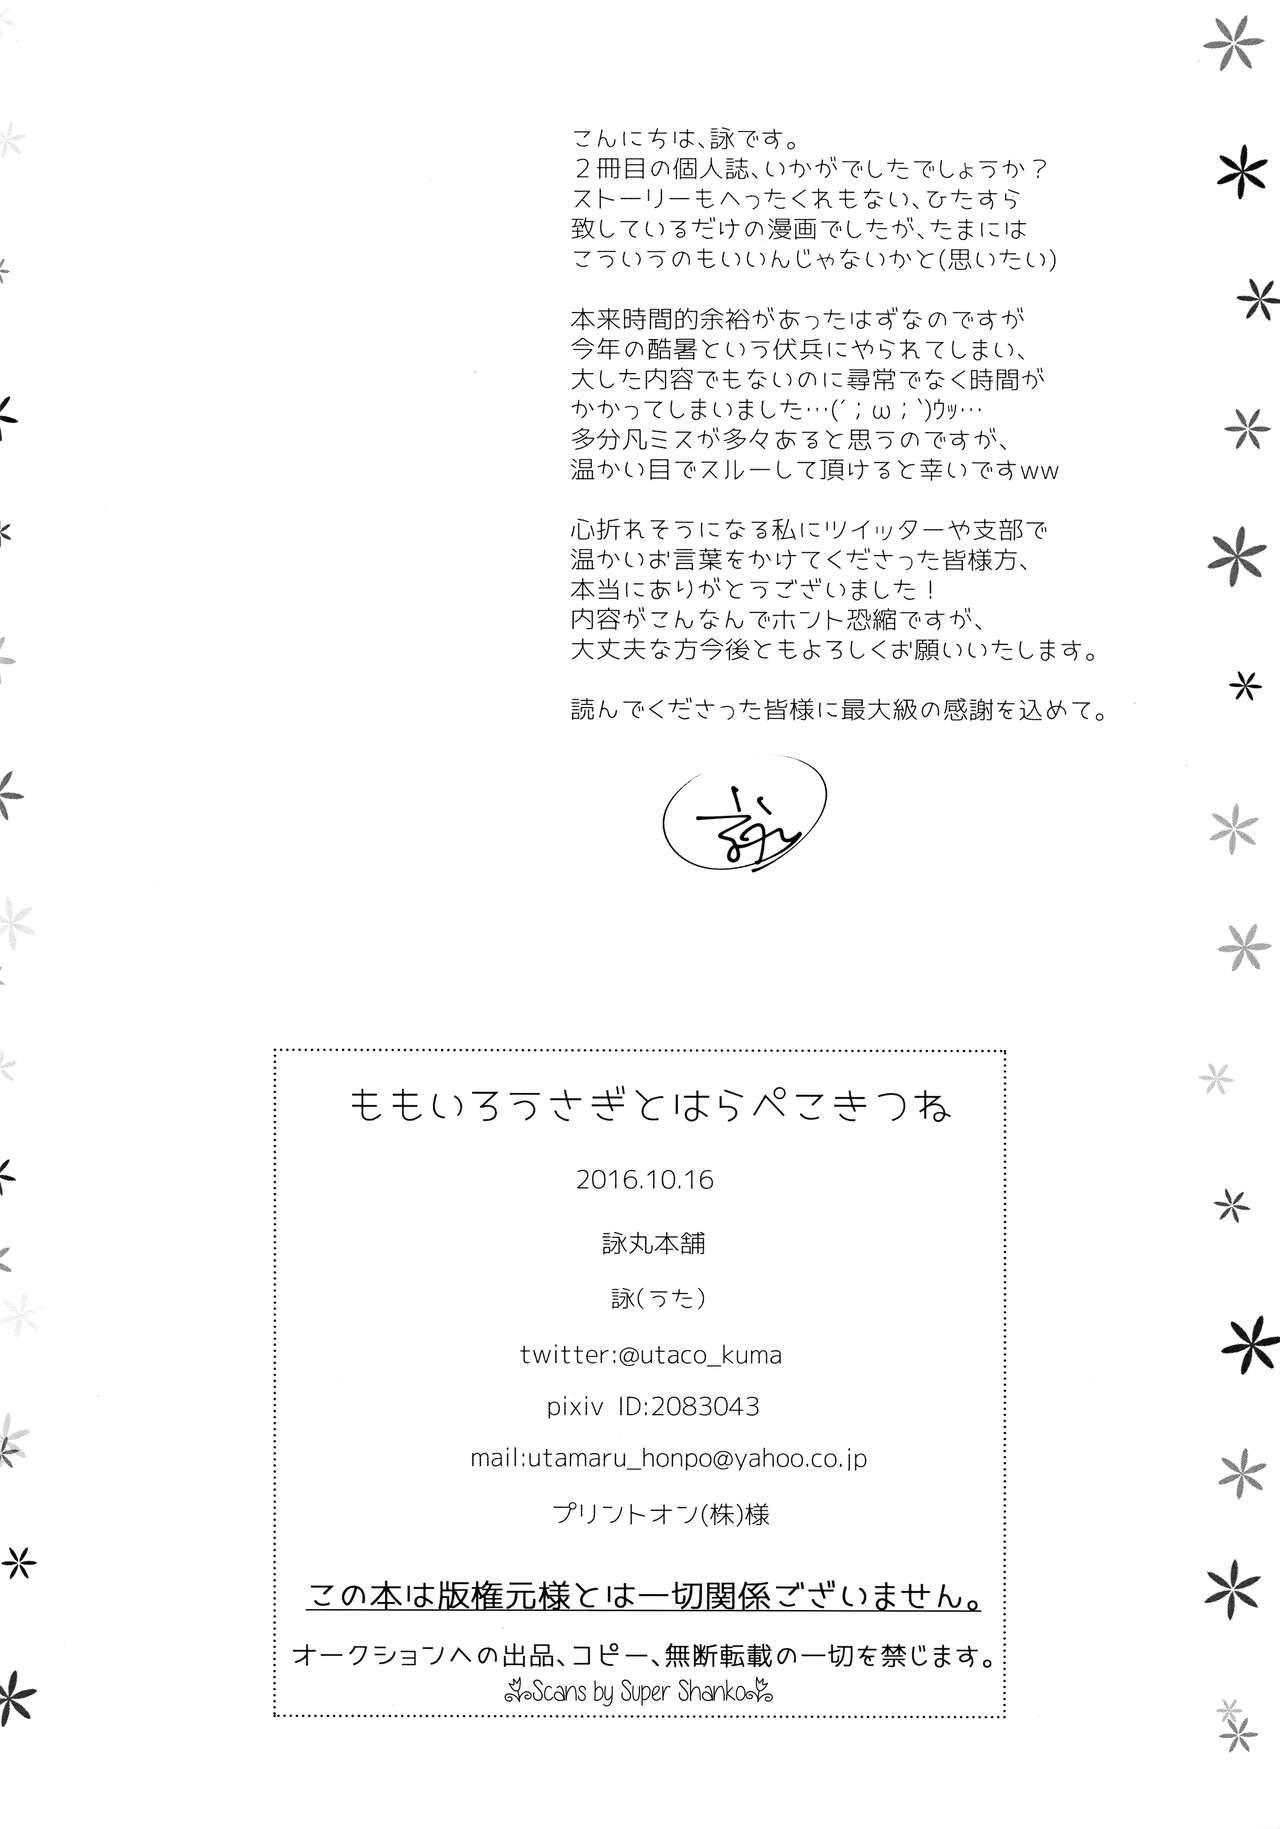 Momoiro Usagi to Hara Peko Kitsune 28